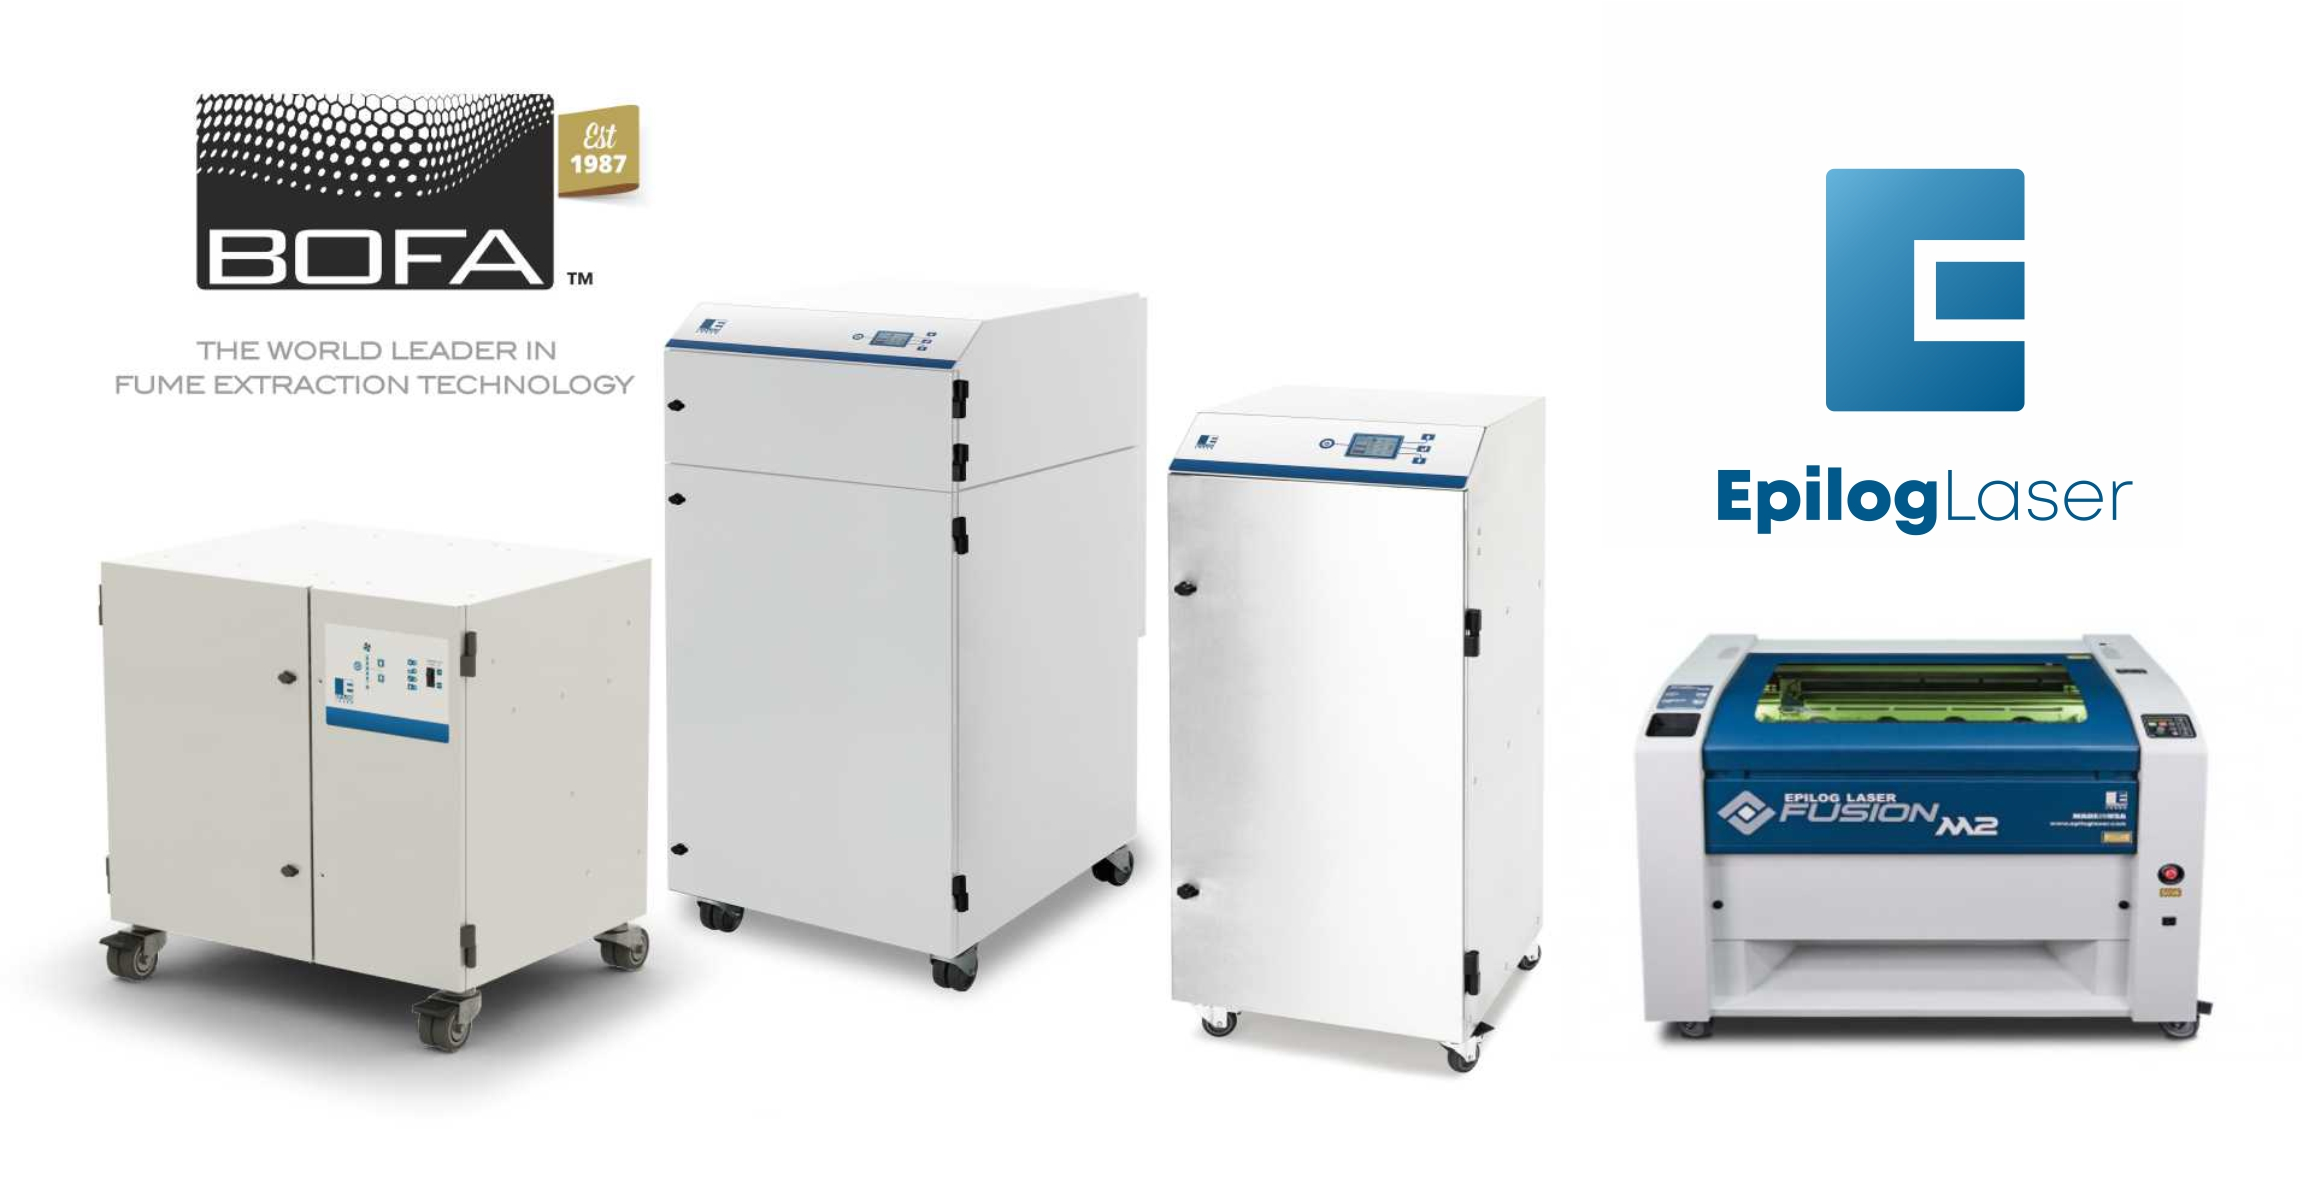 Bofa Epilog Laser Filtre Sistemleri